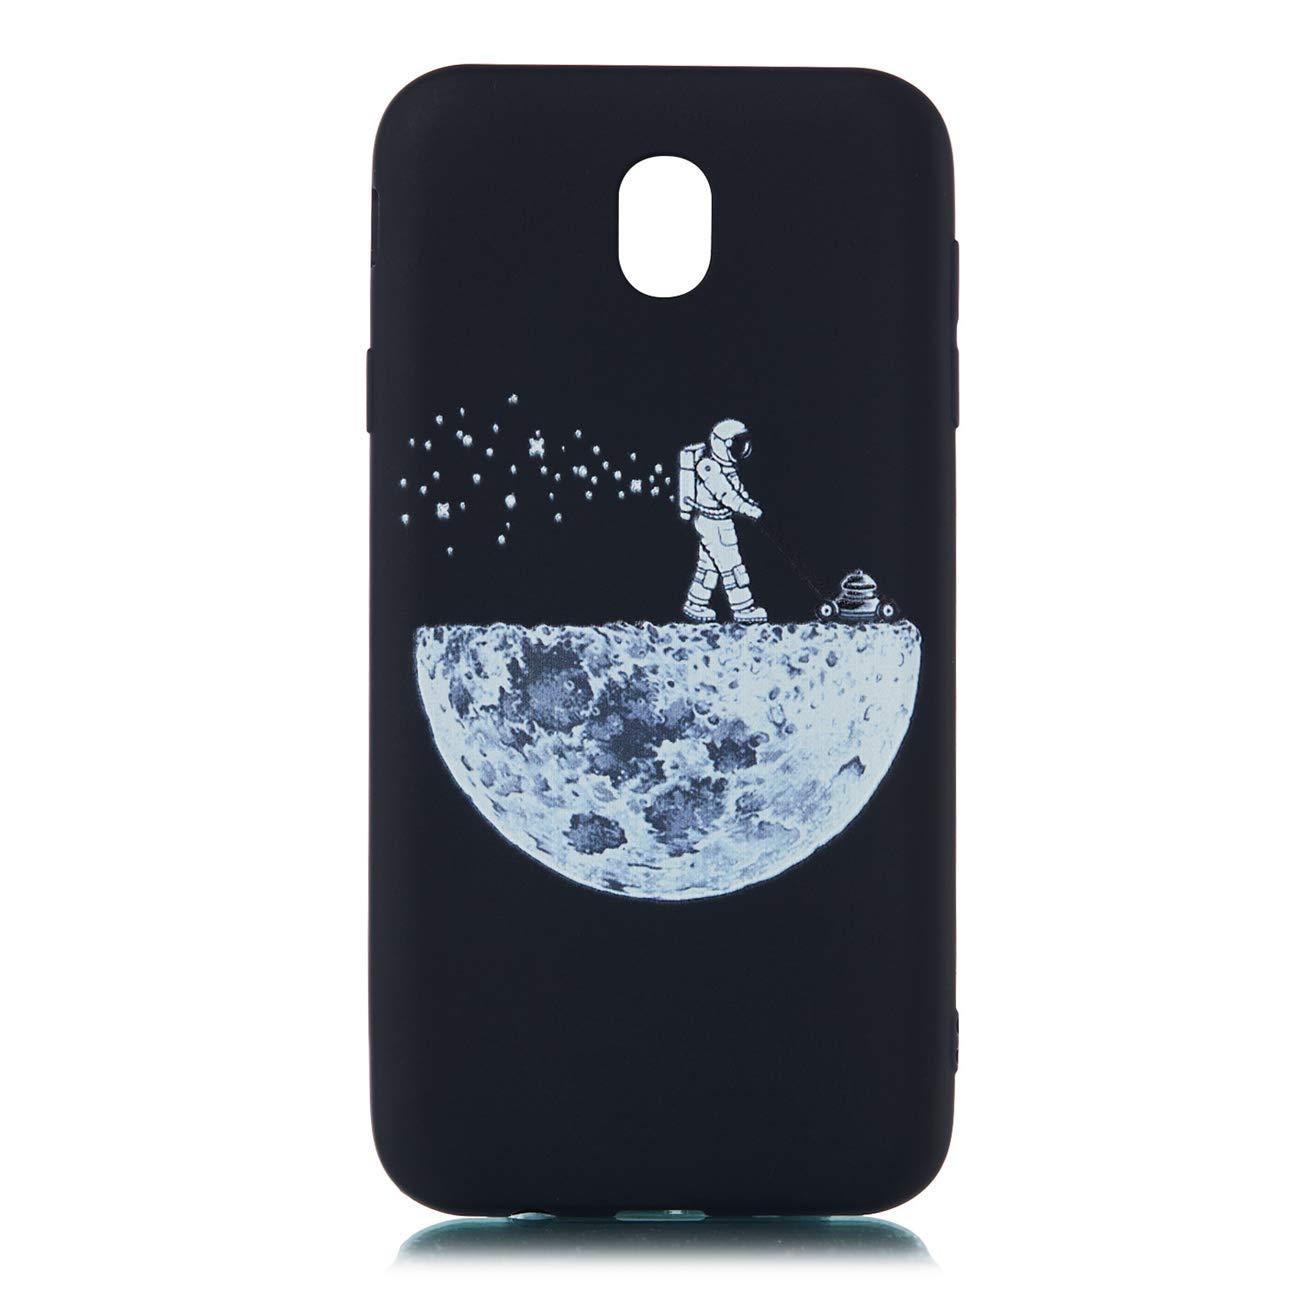 Chreey Coque pour Samsung Galaxy J5 2017 Noir Anti-Rayures 3D Motif T/él/éphone Case Coque Arri/ère en Silicone Souple TPU Housse de Protection J530 Astronaute /& Lune